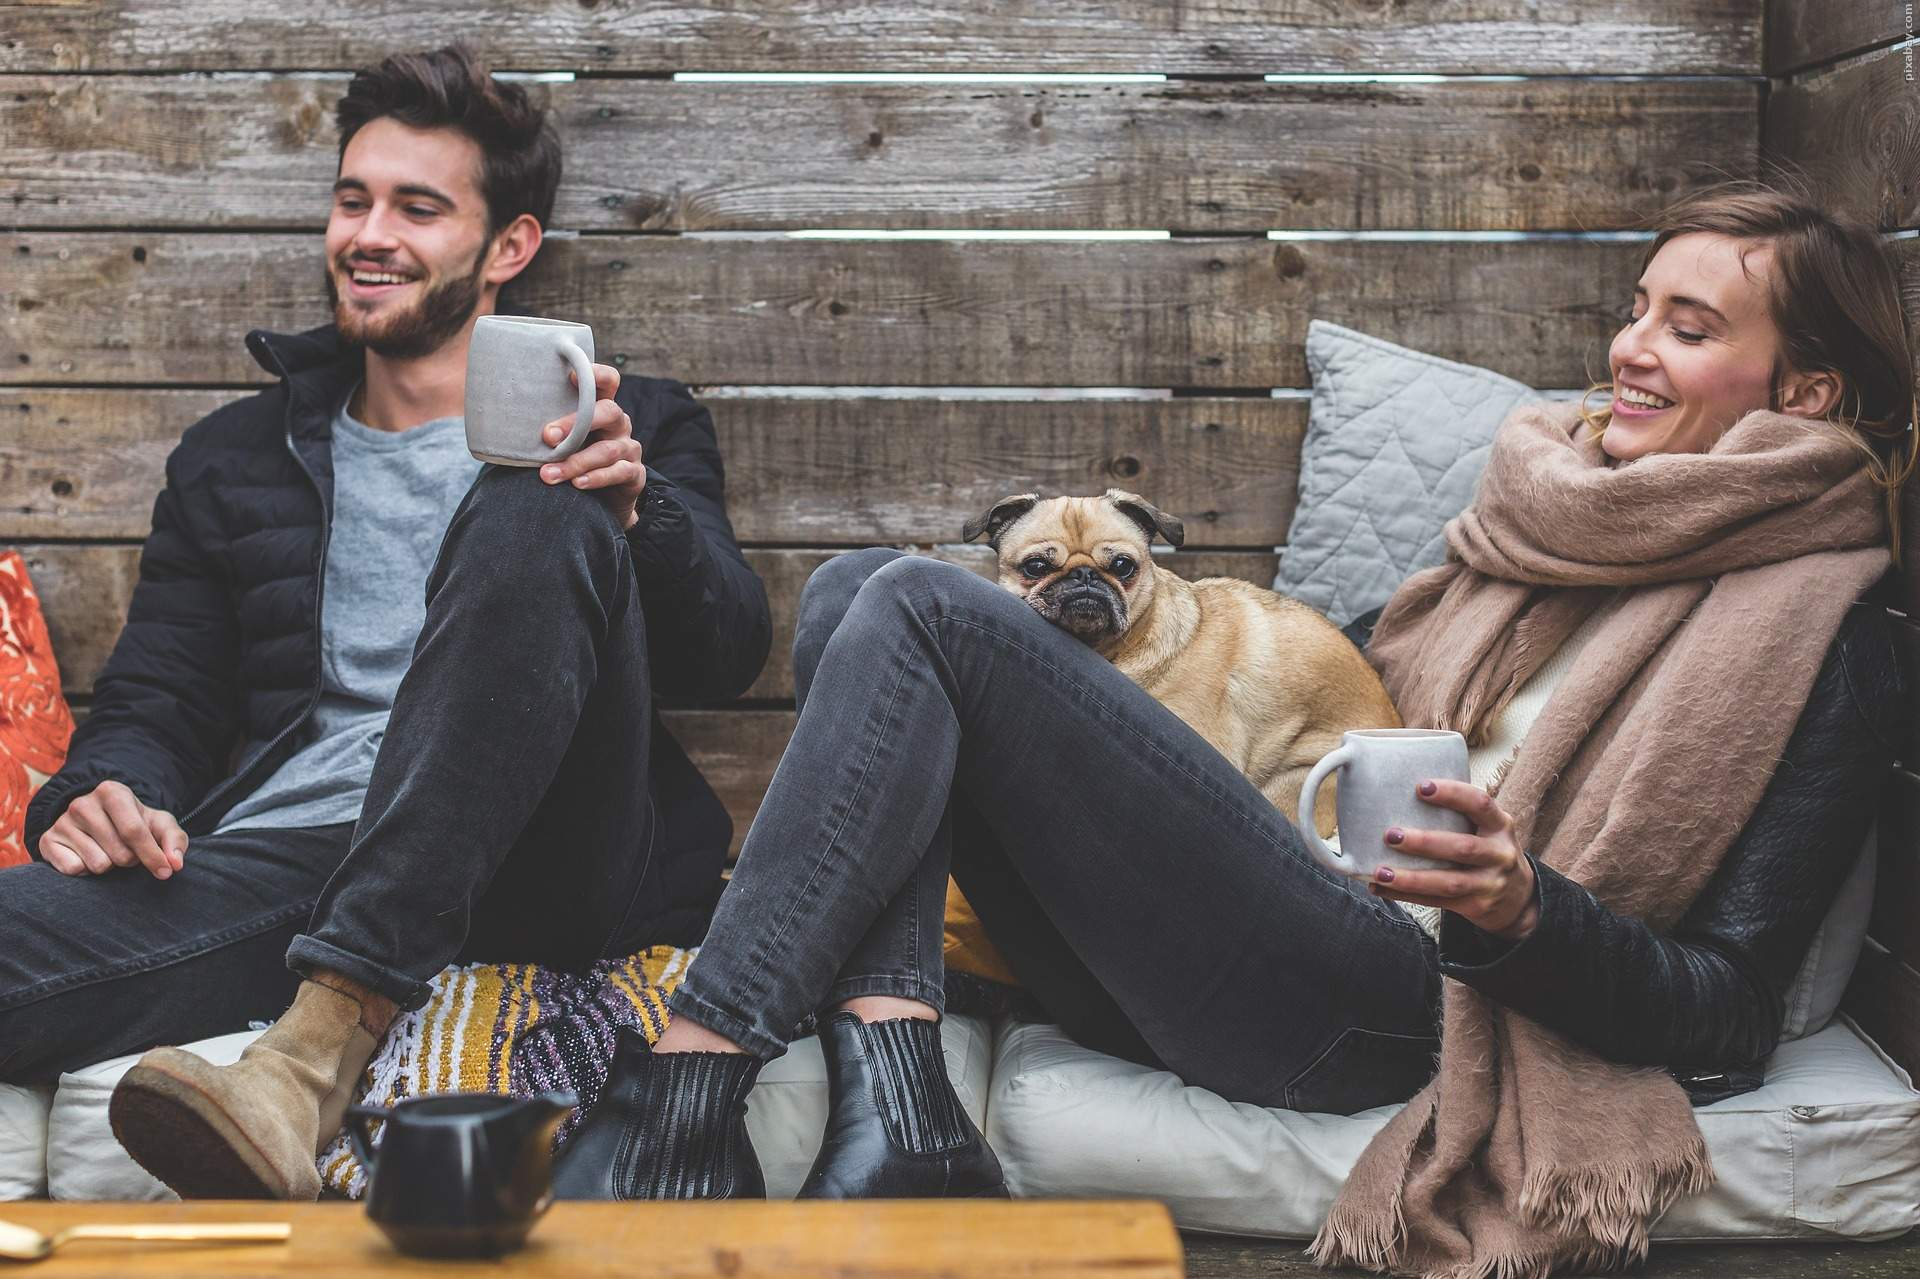 Gemeinsame Stunden auf der Couch bei guter Unterhaltung: Fernsehgewohnheiten in Beziehungen sind laut Studien ein Barometer für das Liebesglück.